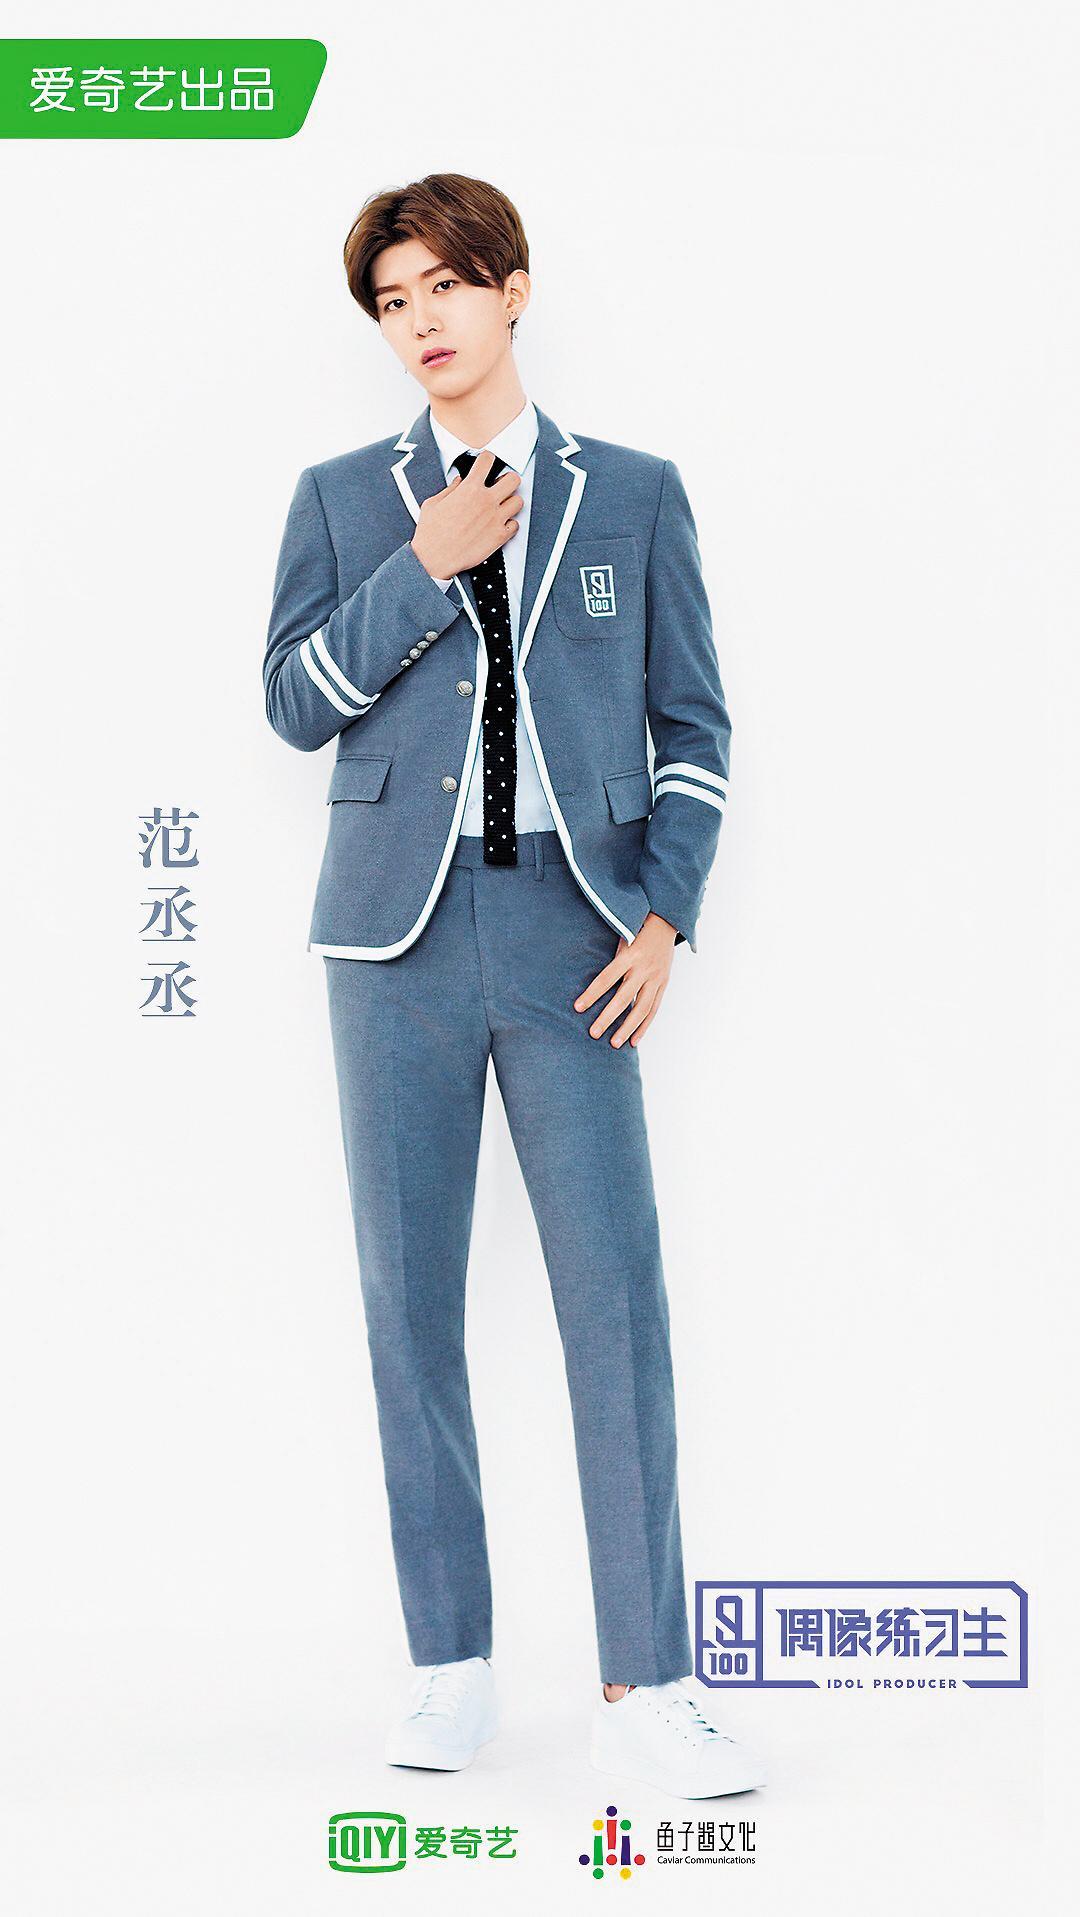 范丞丞因為有個大名鼎鼎的星姐范冰冰,成為練習生中最受矚目的成員。